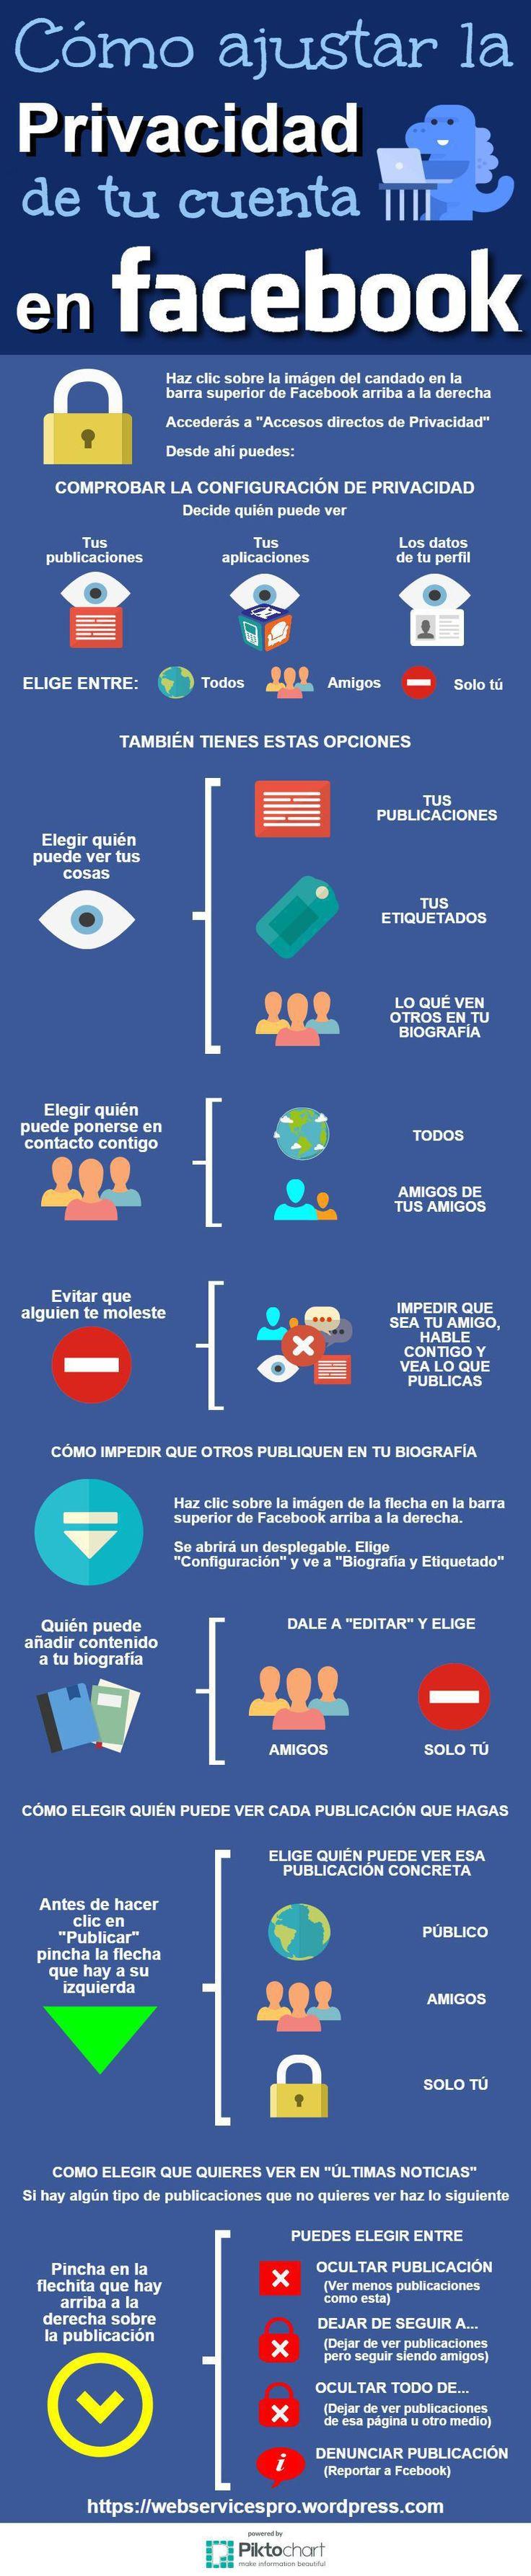 Cómo ajustar la privacidad de tu cuenta en Facebook #infografía